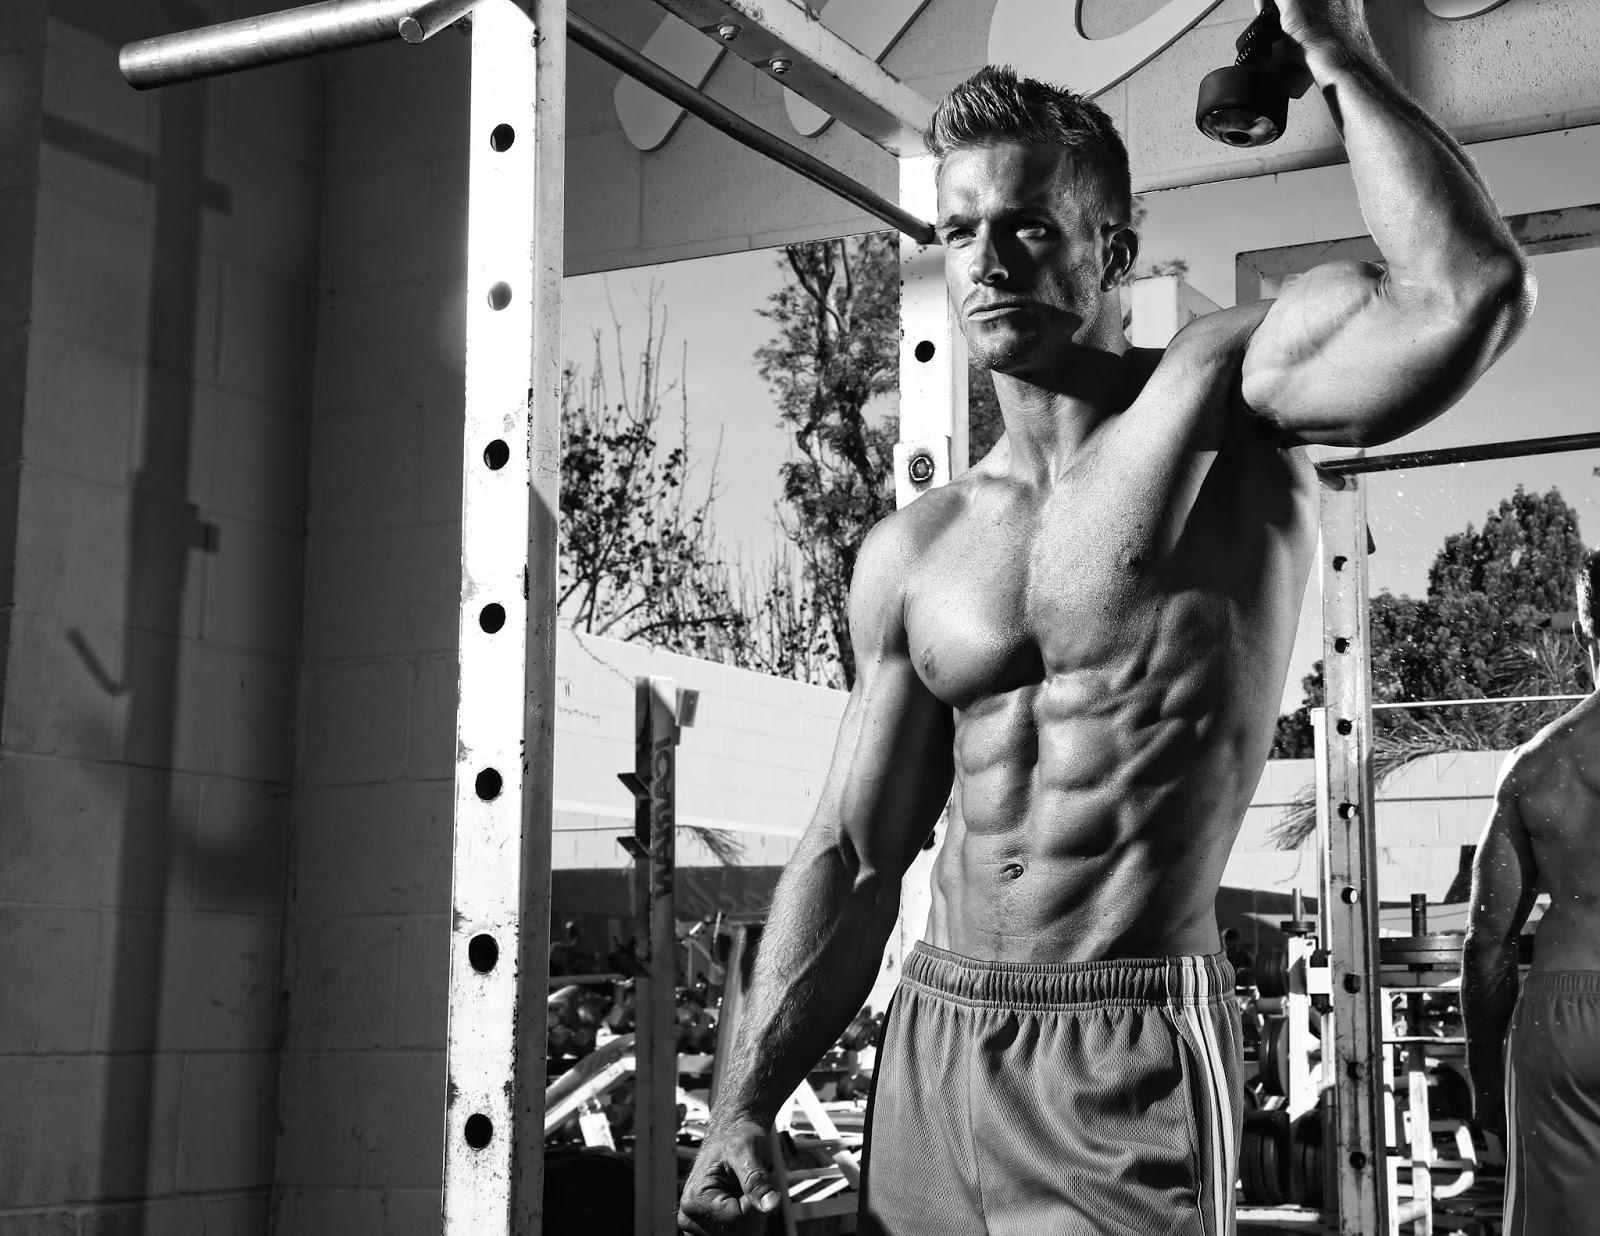 dieta settimanale di volume muscolare